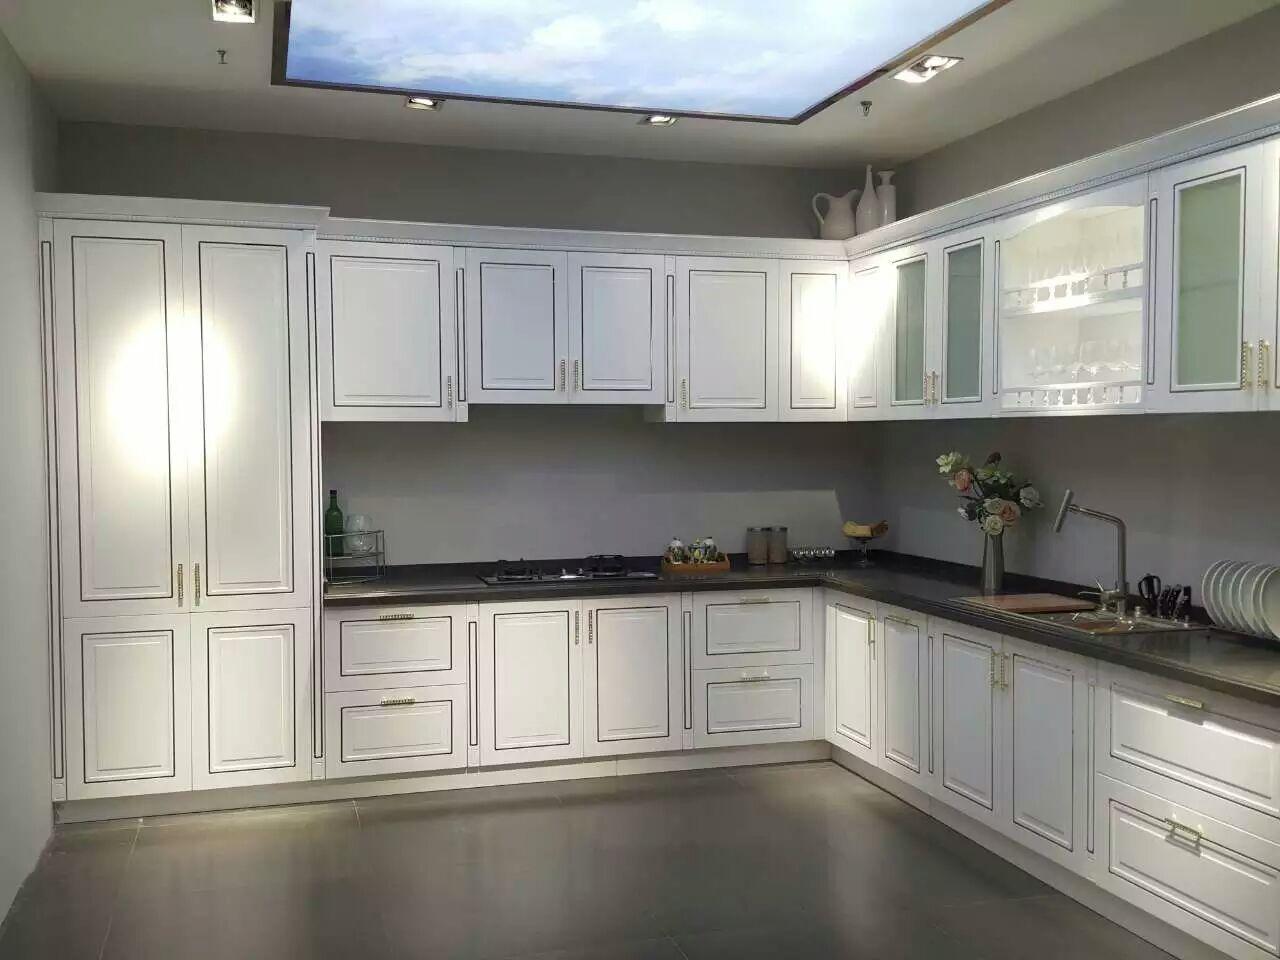 PA品爱橱柜产品推荐-橱柜-欧式烤漆系列